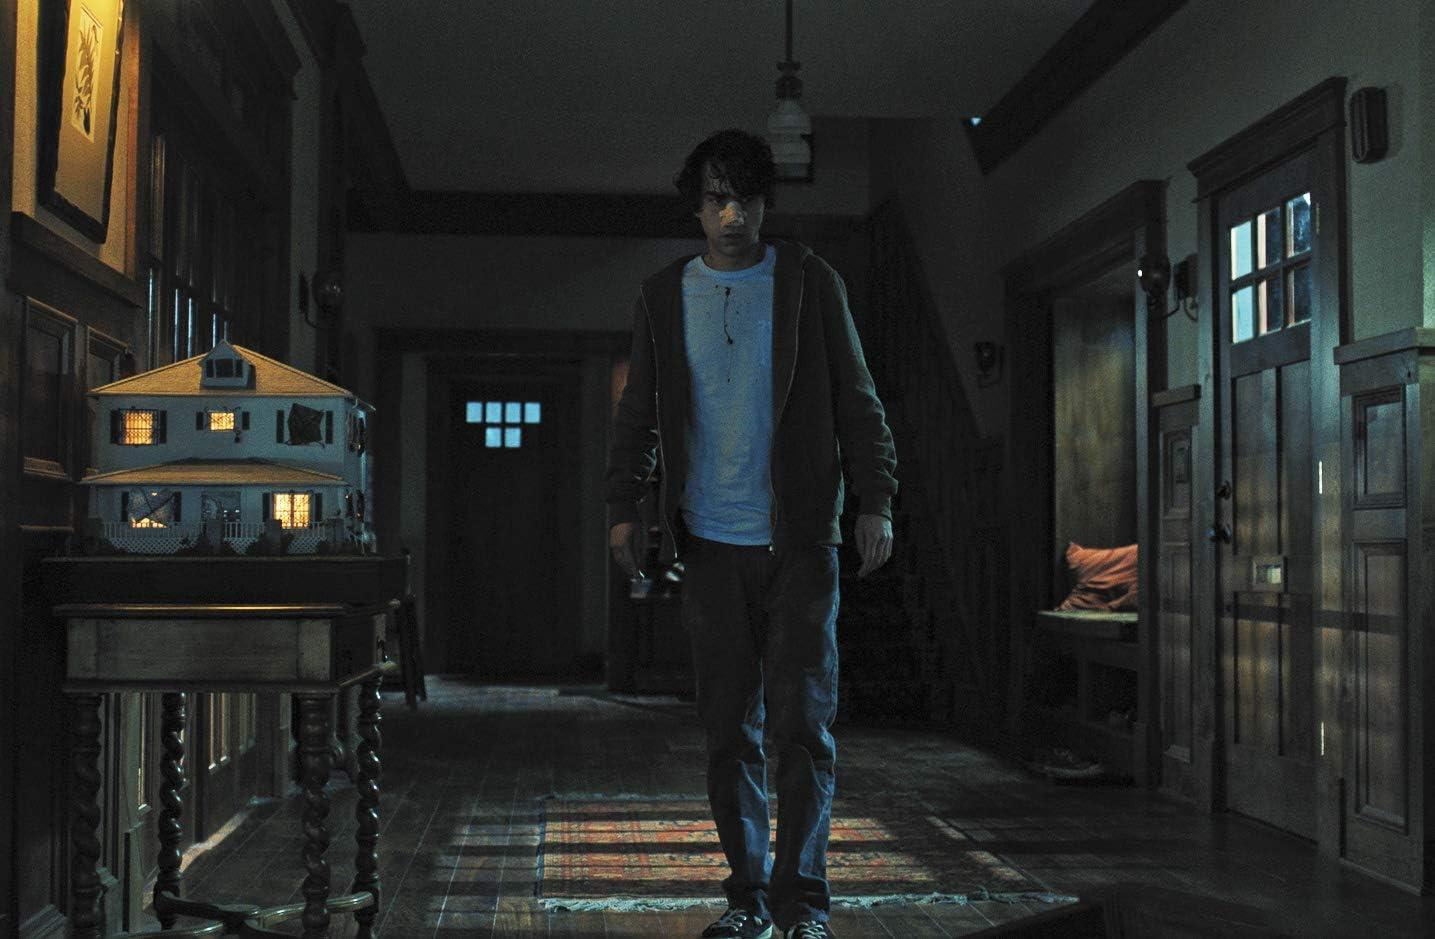 アニーの作ったミニチュアの前を歩くピーター